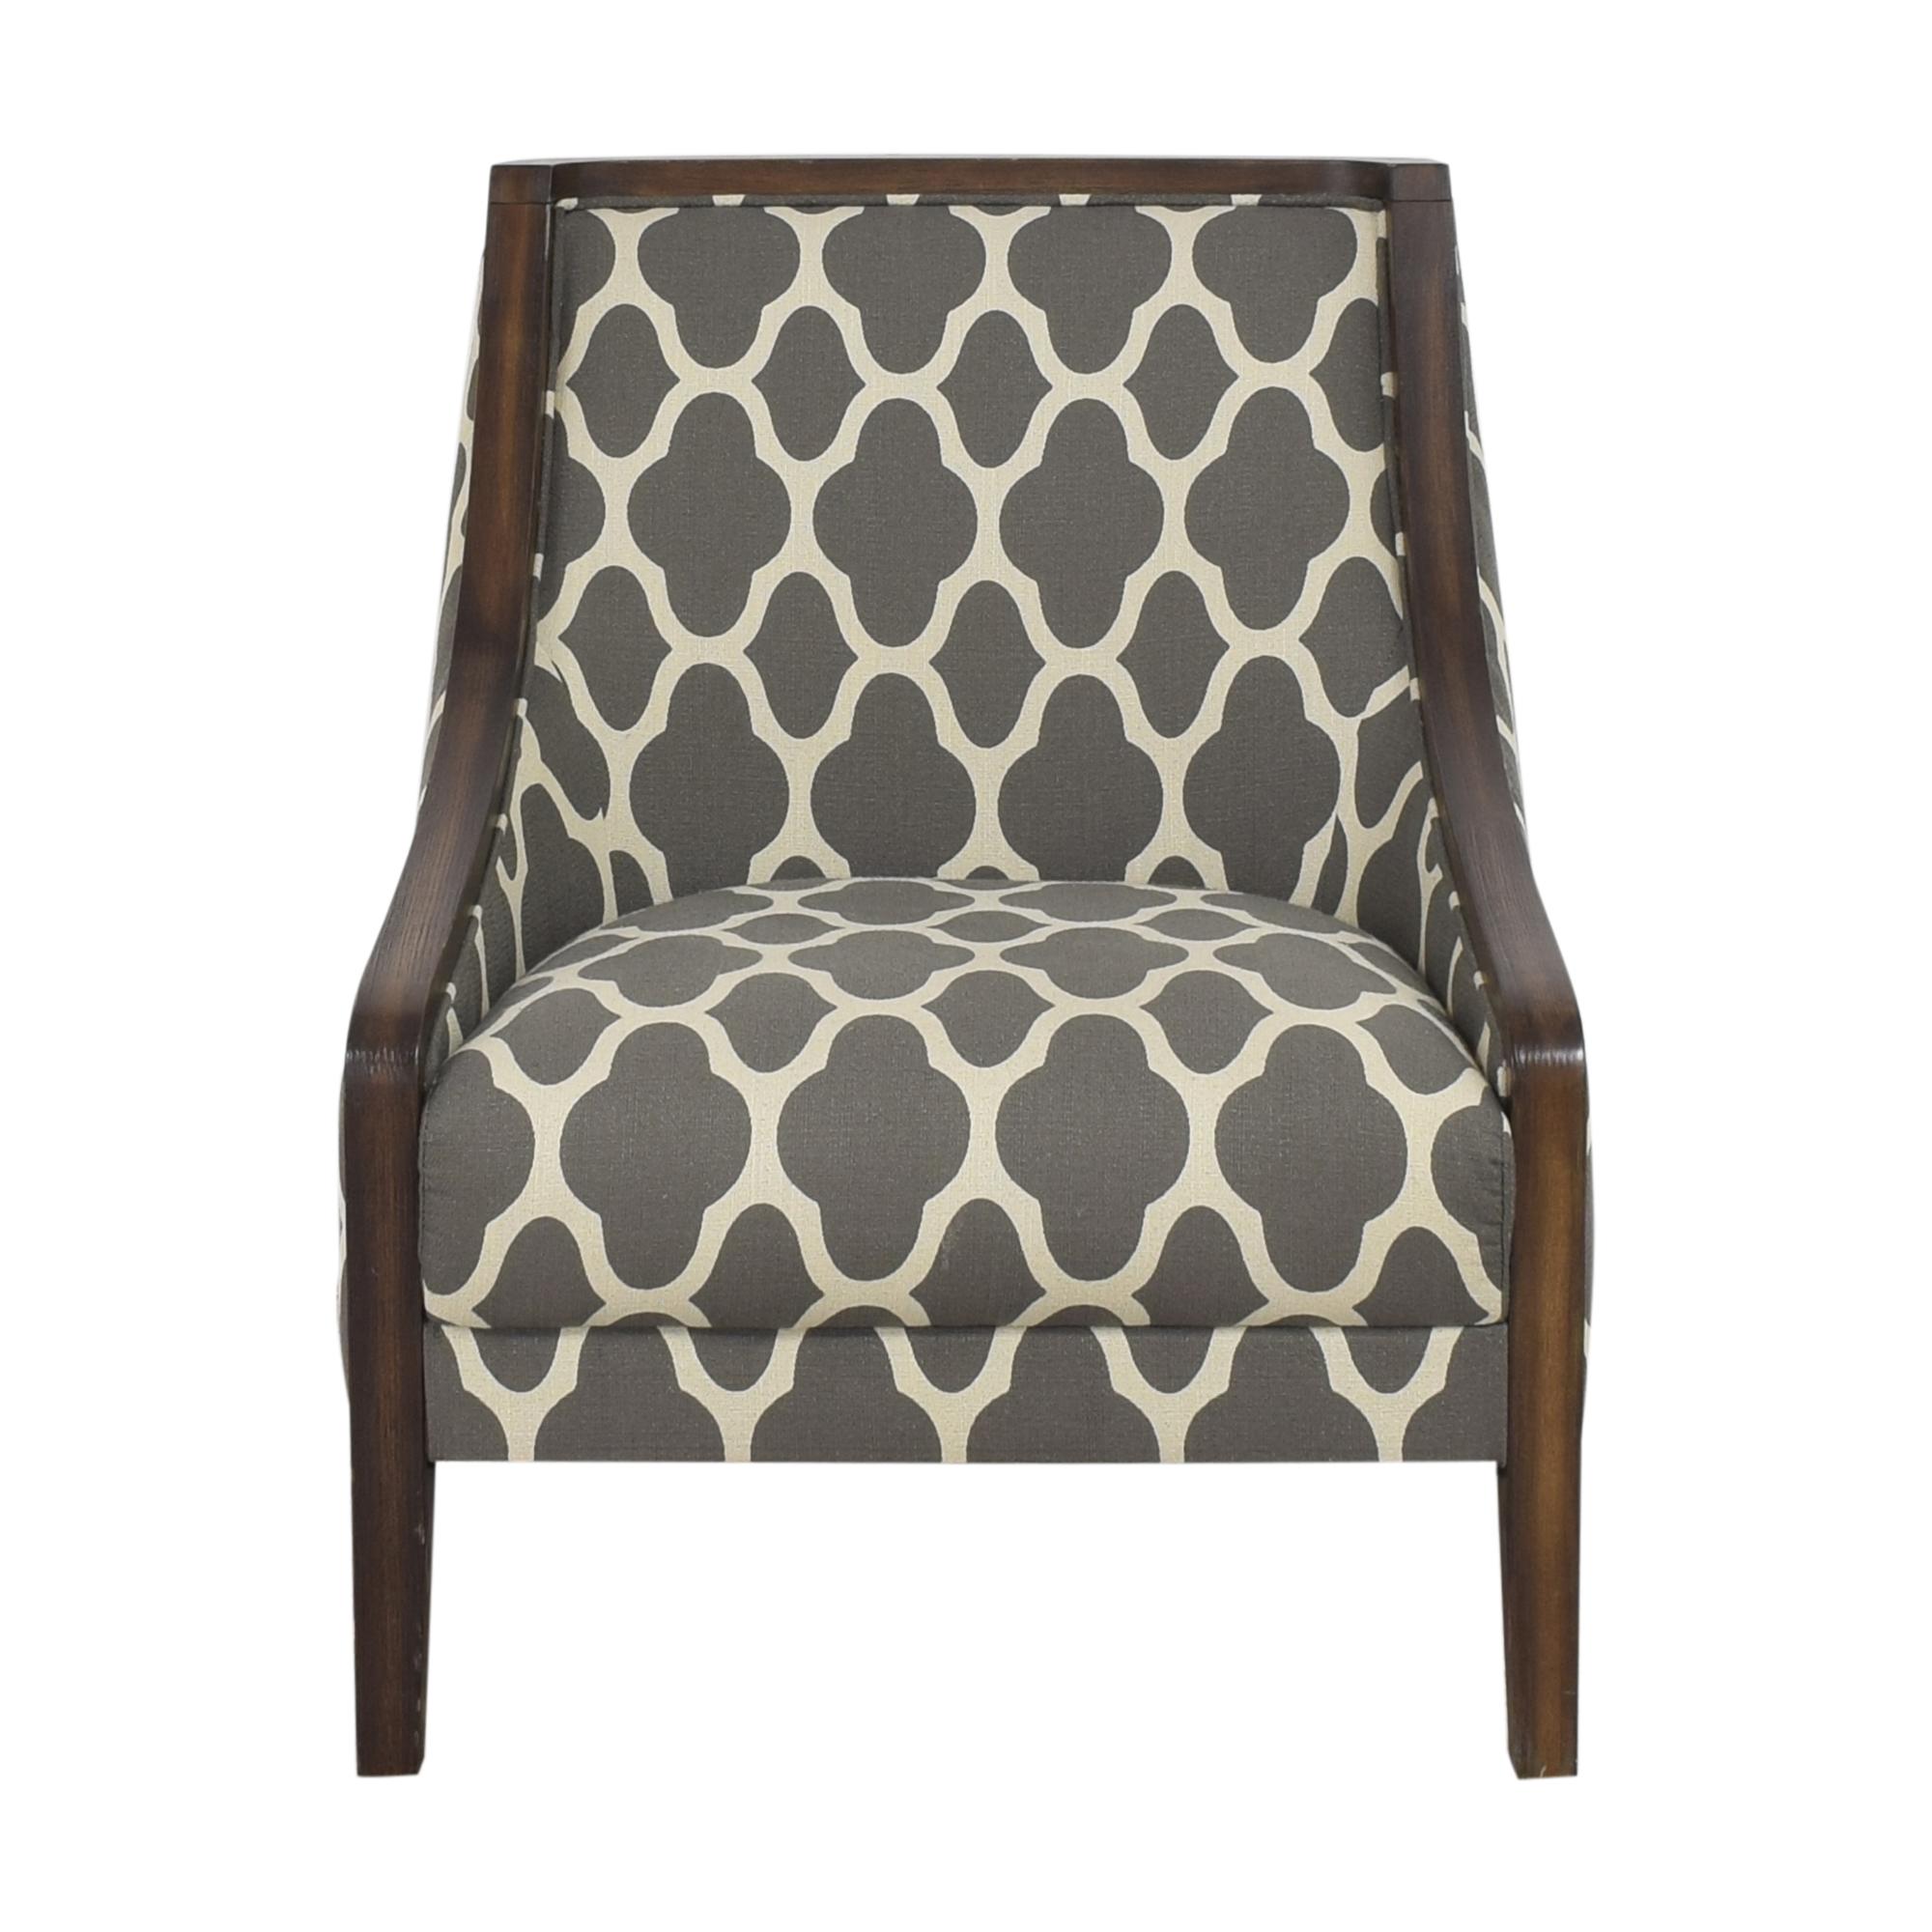 Macy's Macy's Quatrefoil Accent Chair for sale